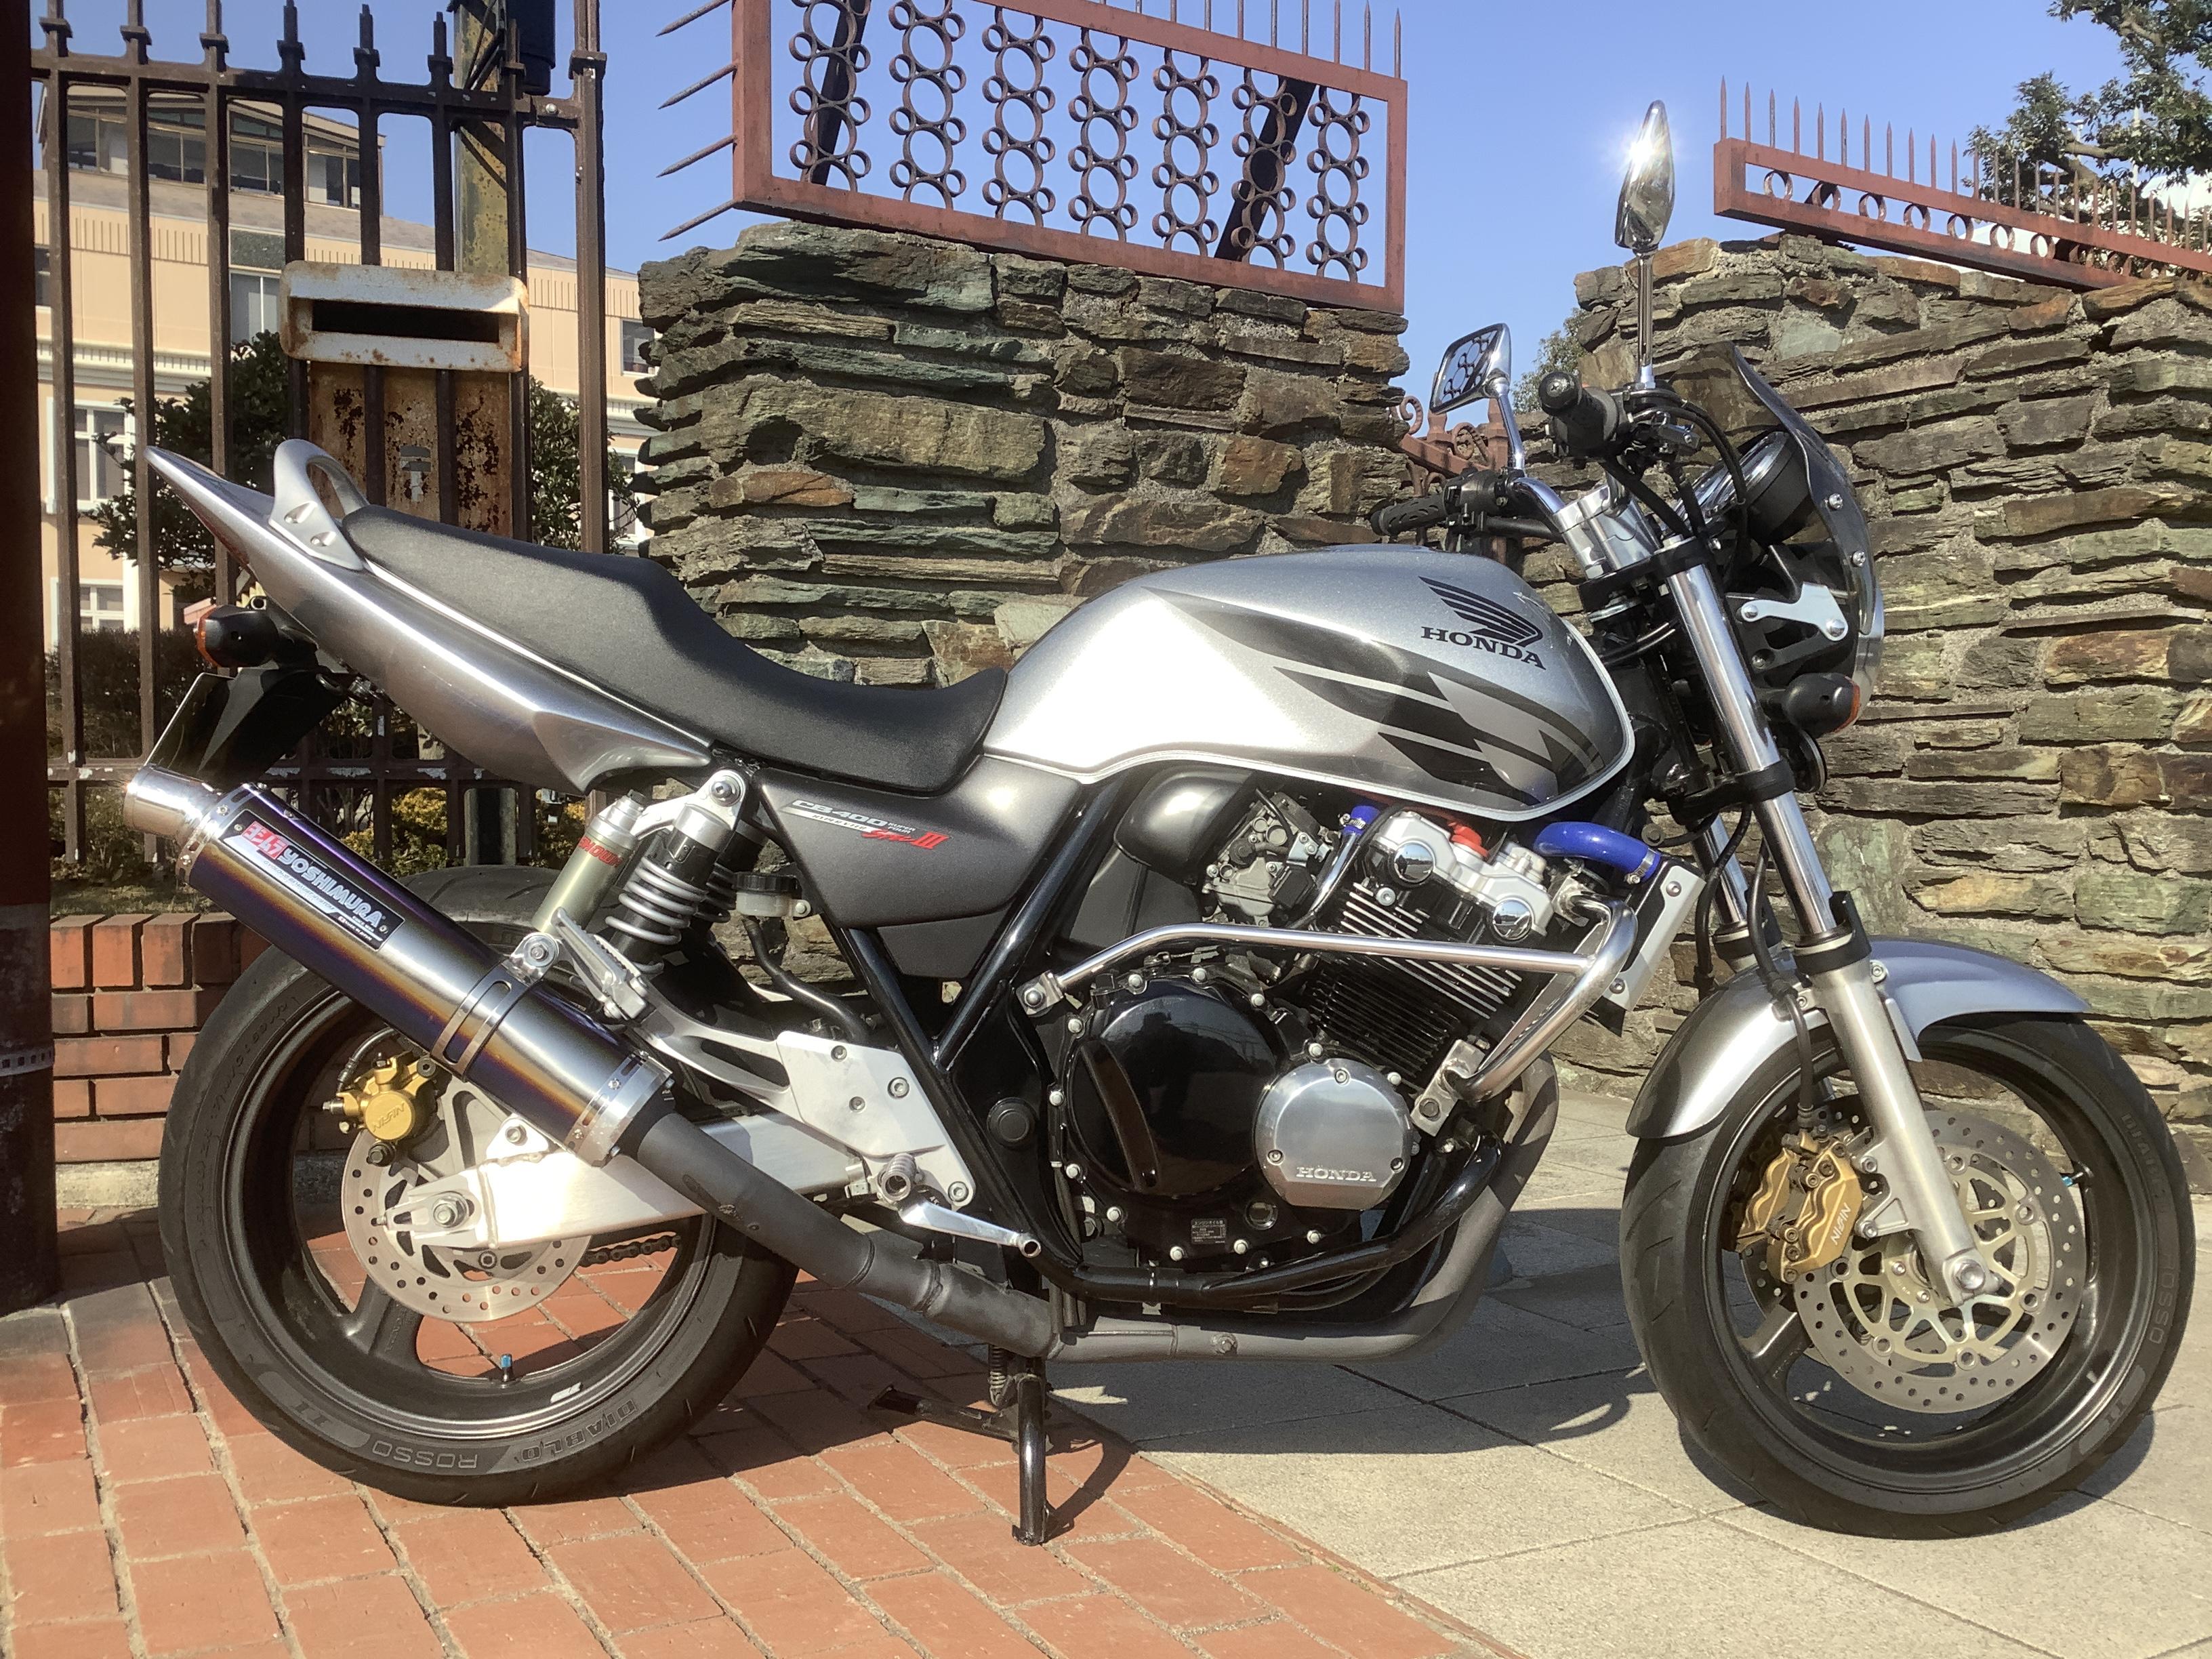 CB400Vtec-3(HN-00)銀 - 【公式】レンタルバイクのベストBike® 大宮駅前